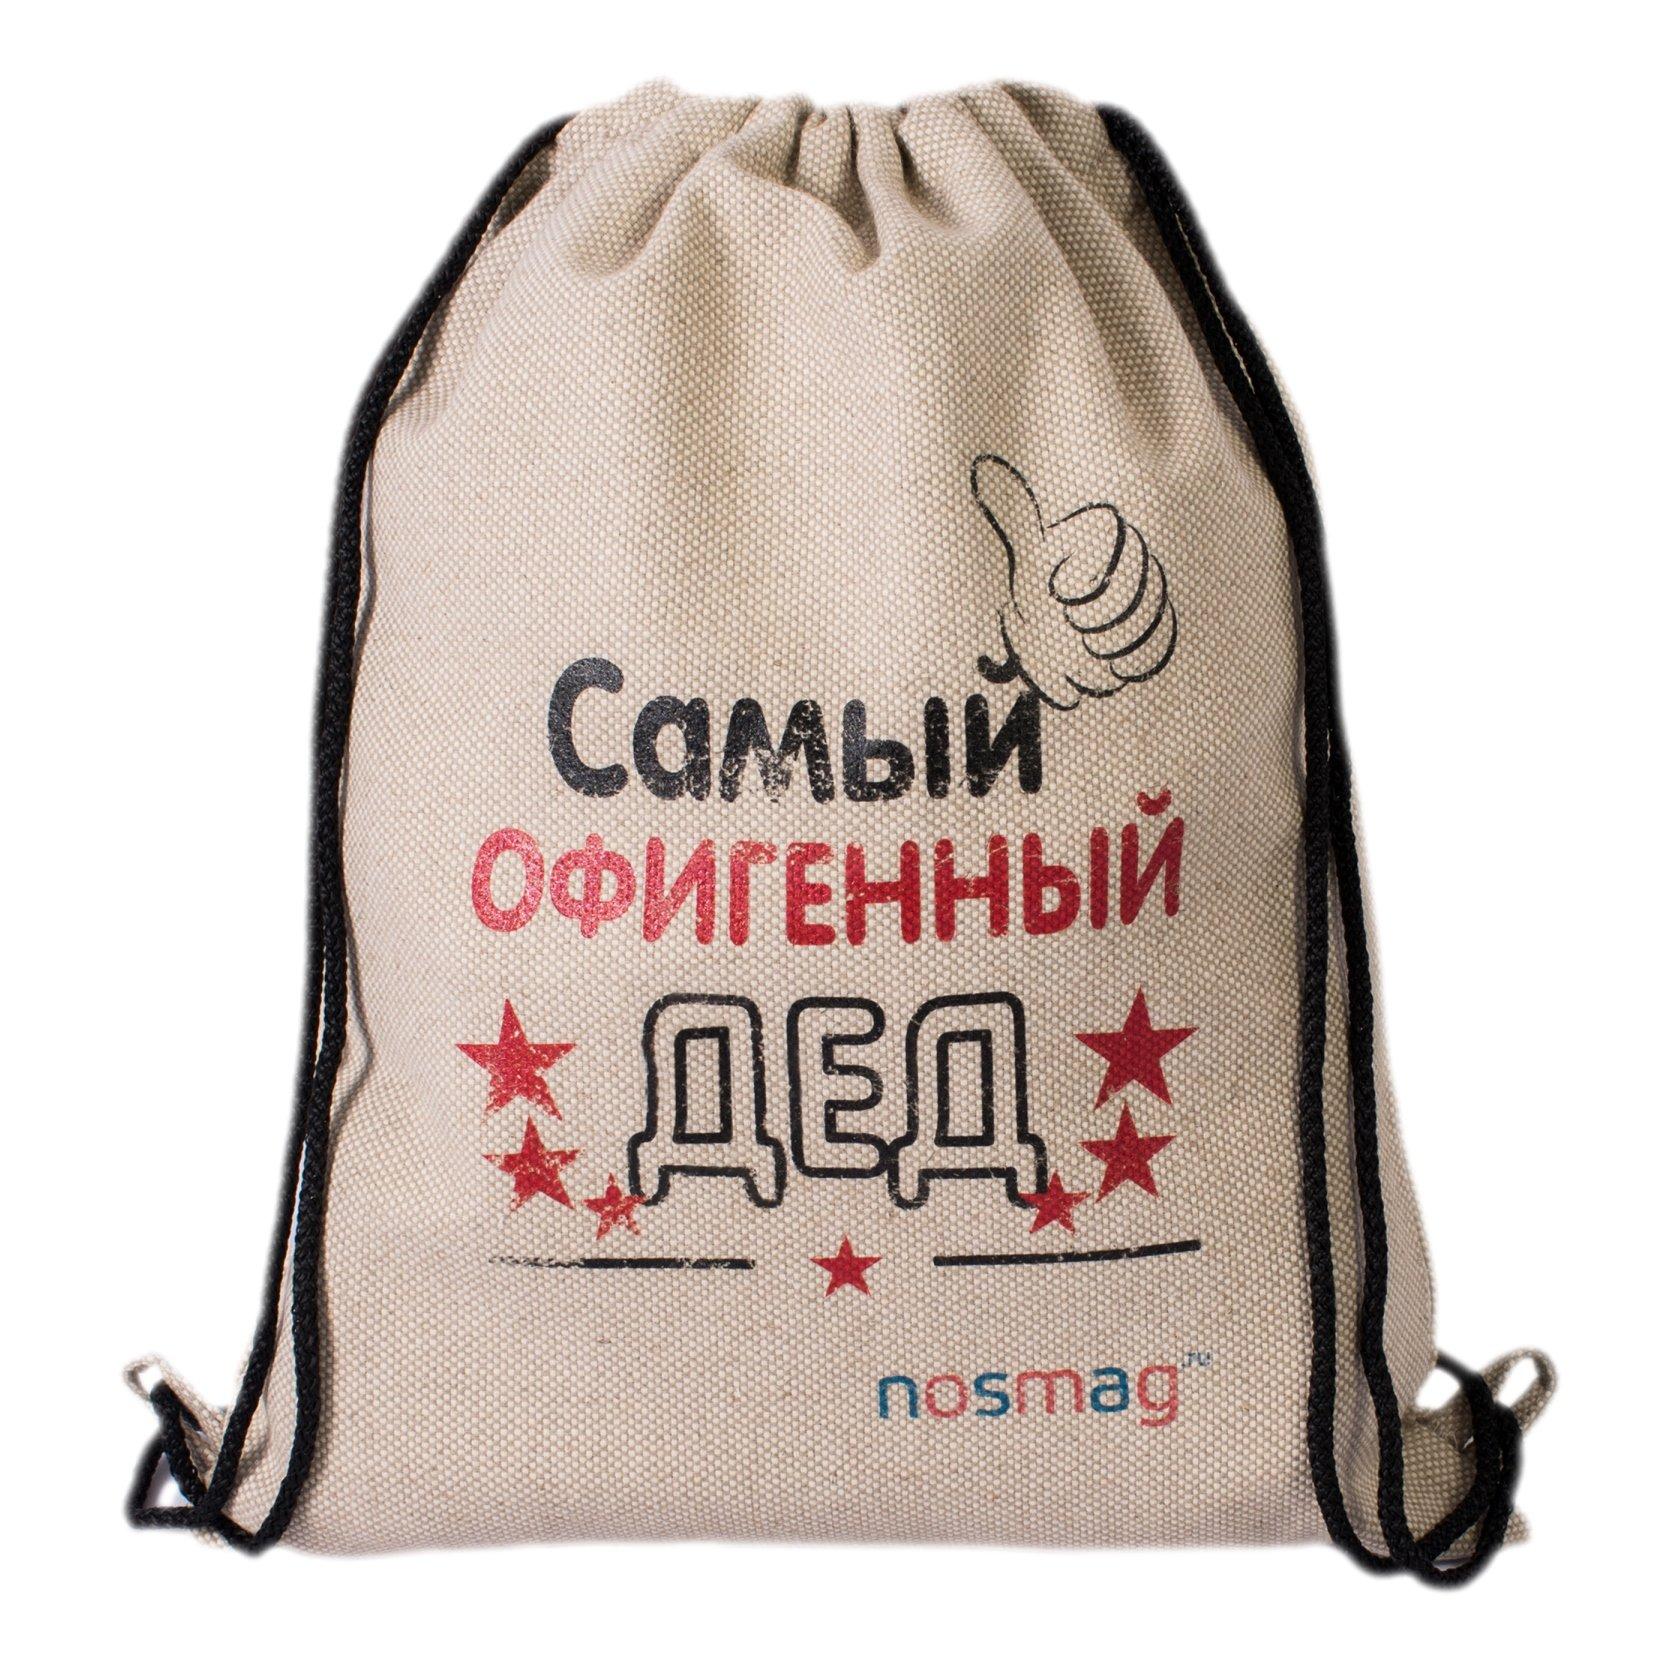 Набор носков «Бизнес» 20 пар в мешке с надписью «Самый офигенный дед»